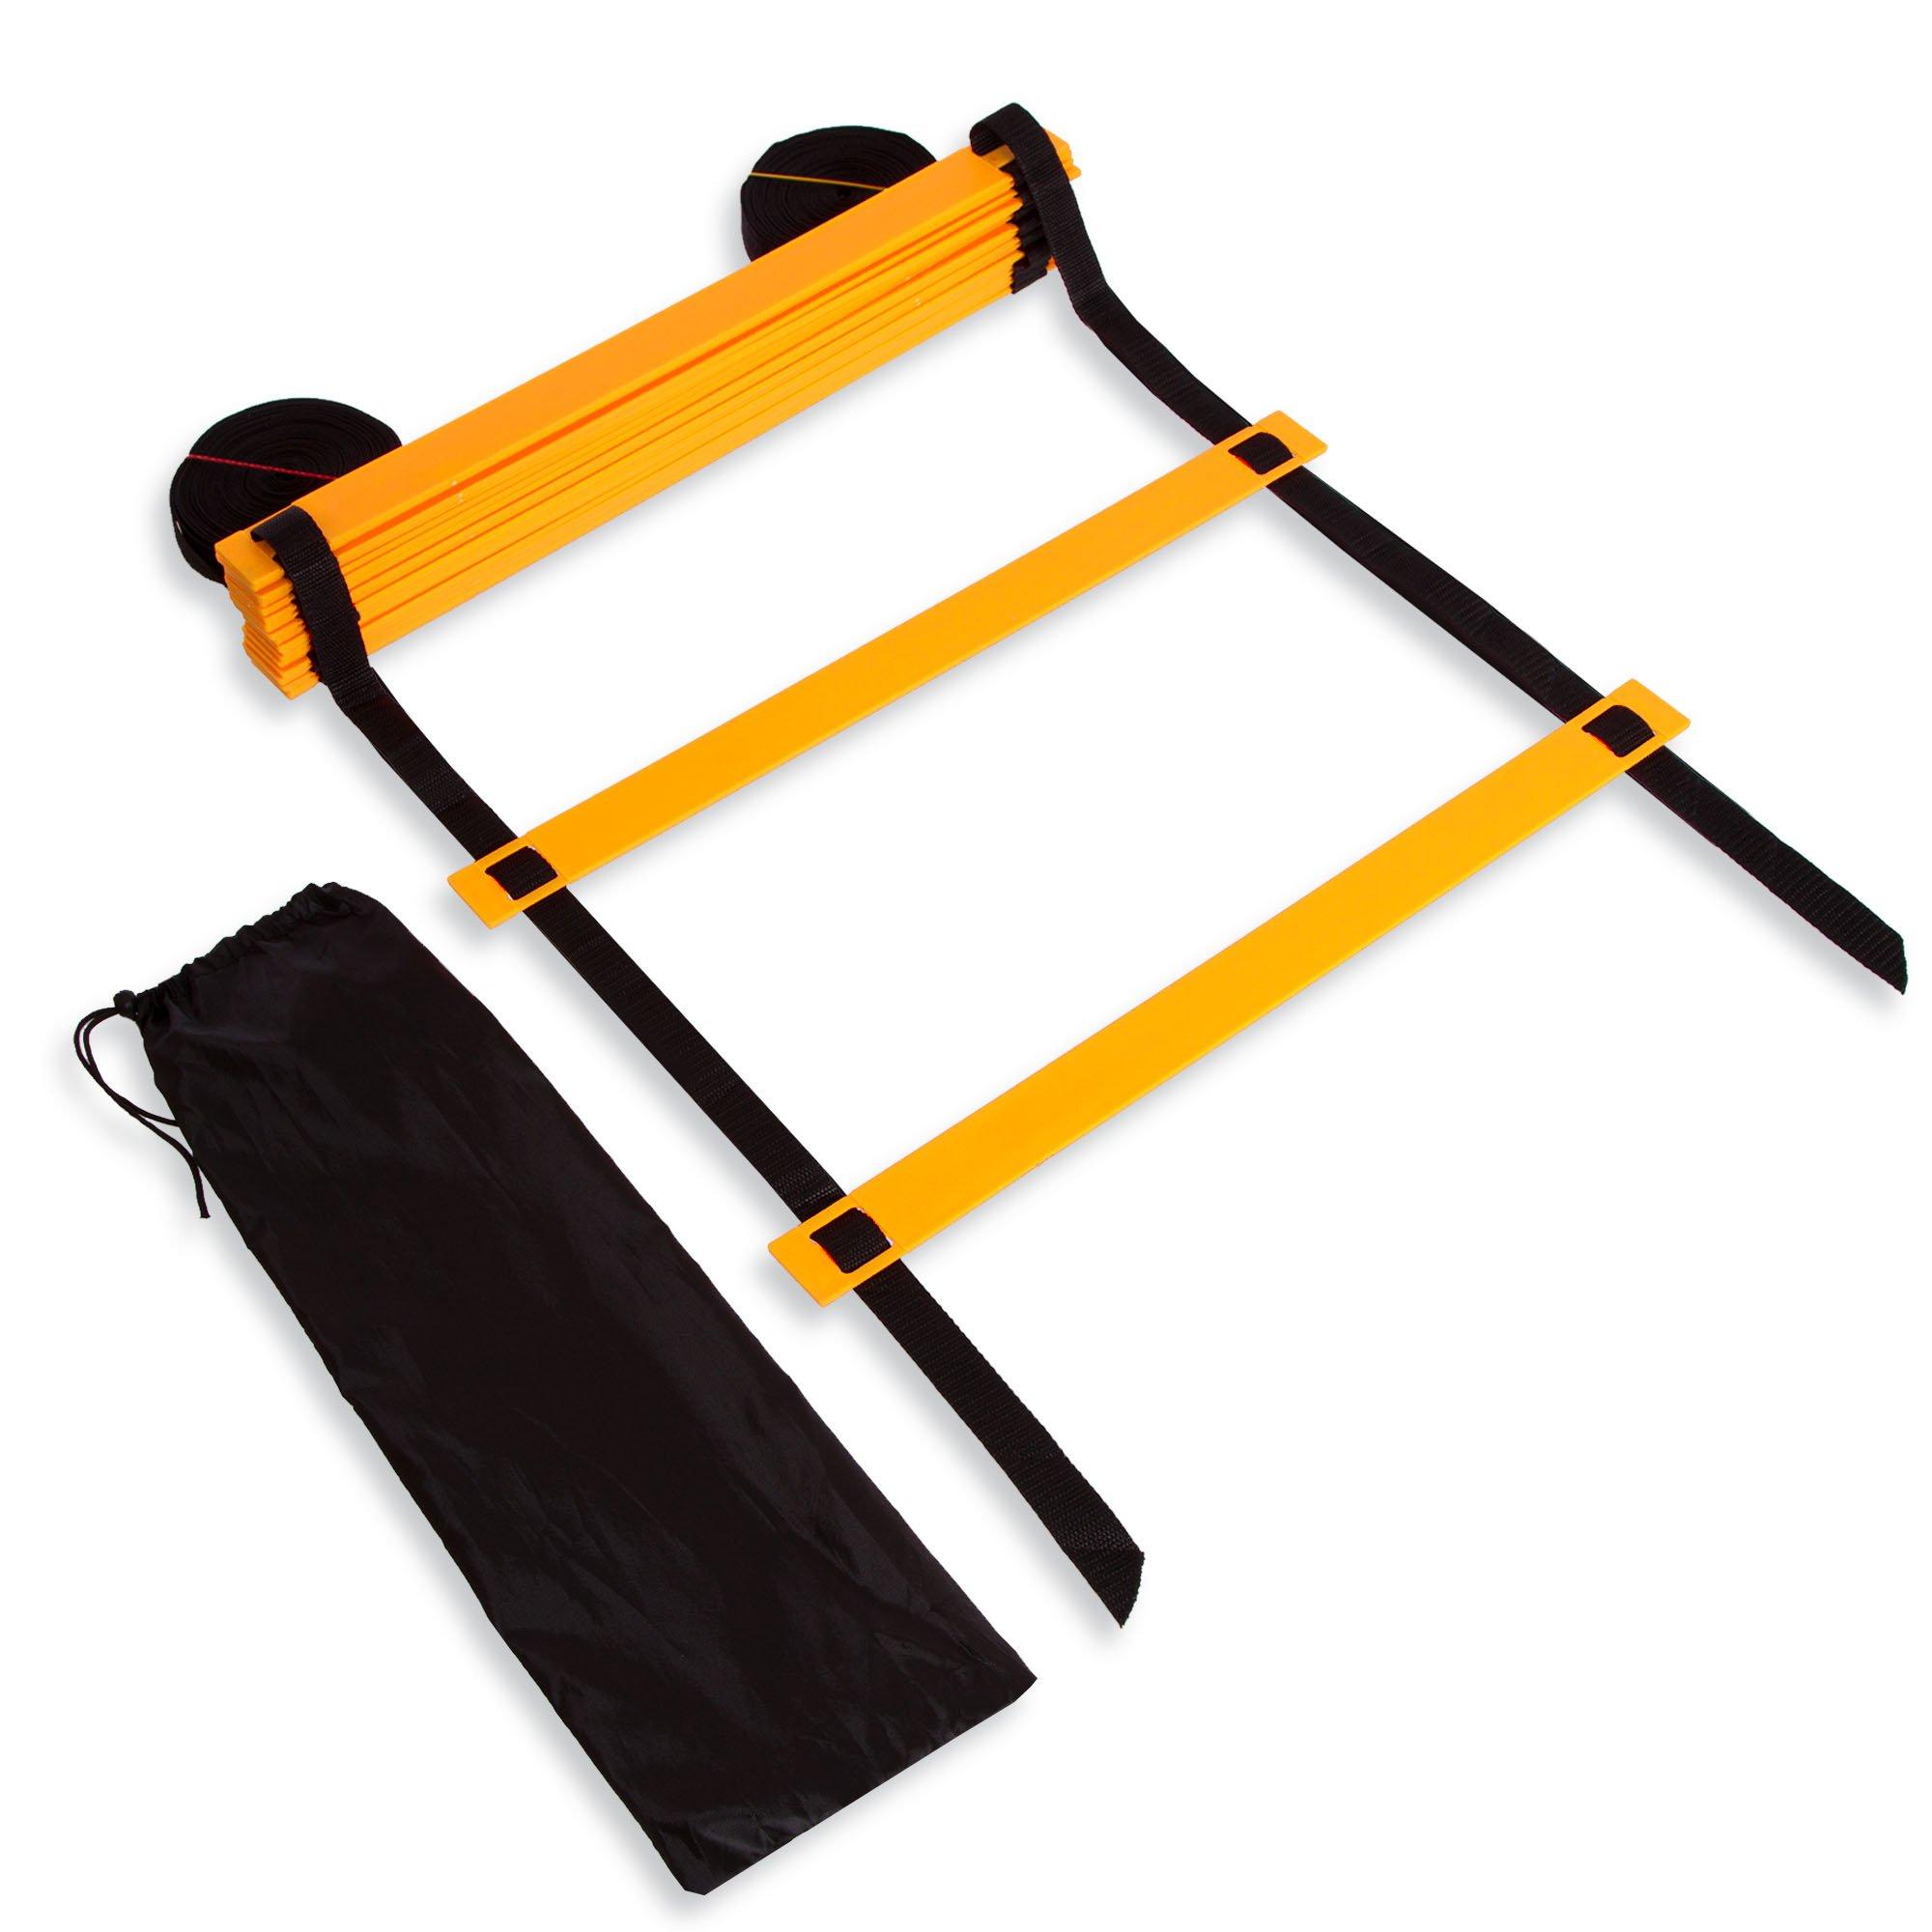 Координационная лестница дорожка для тренировки скорости 10м (20 перекладин) (10мx0,52мx4мм цвета в ассортименте)